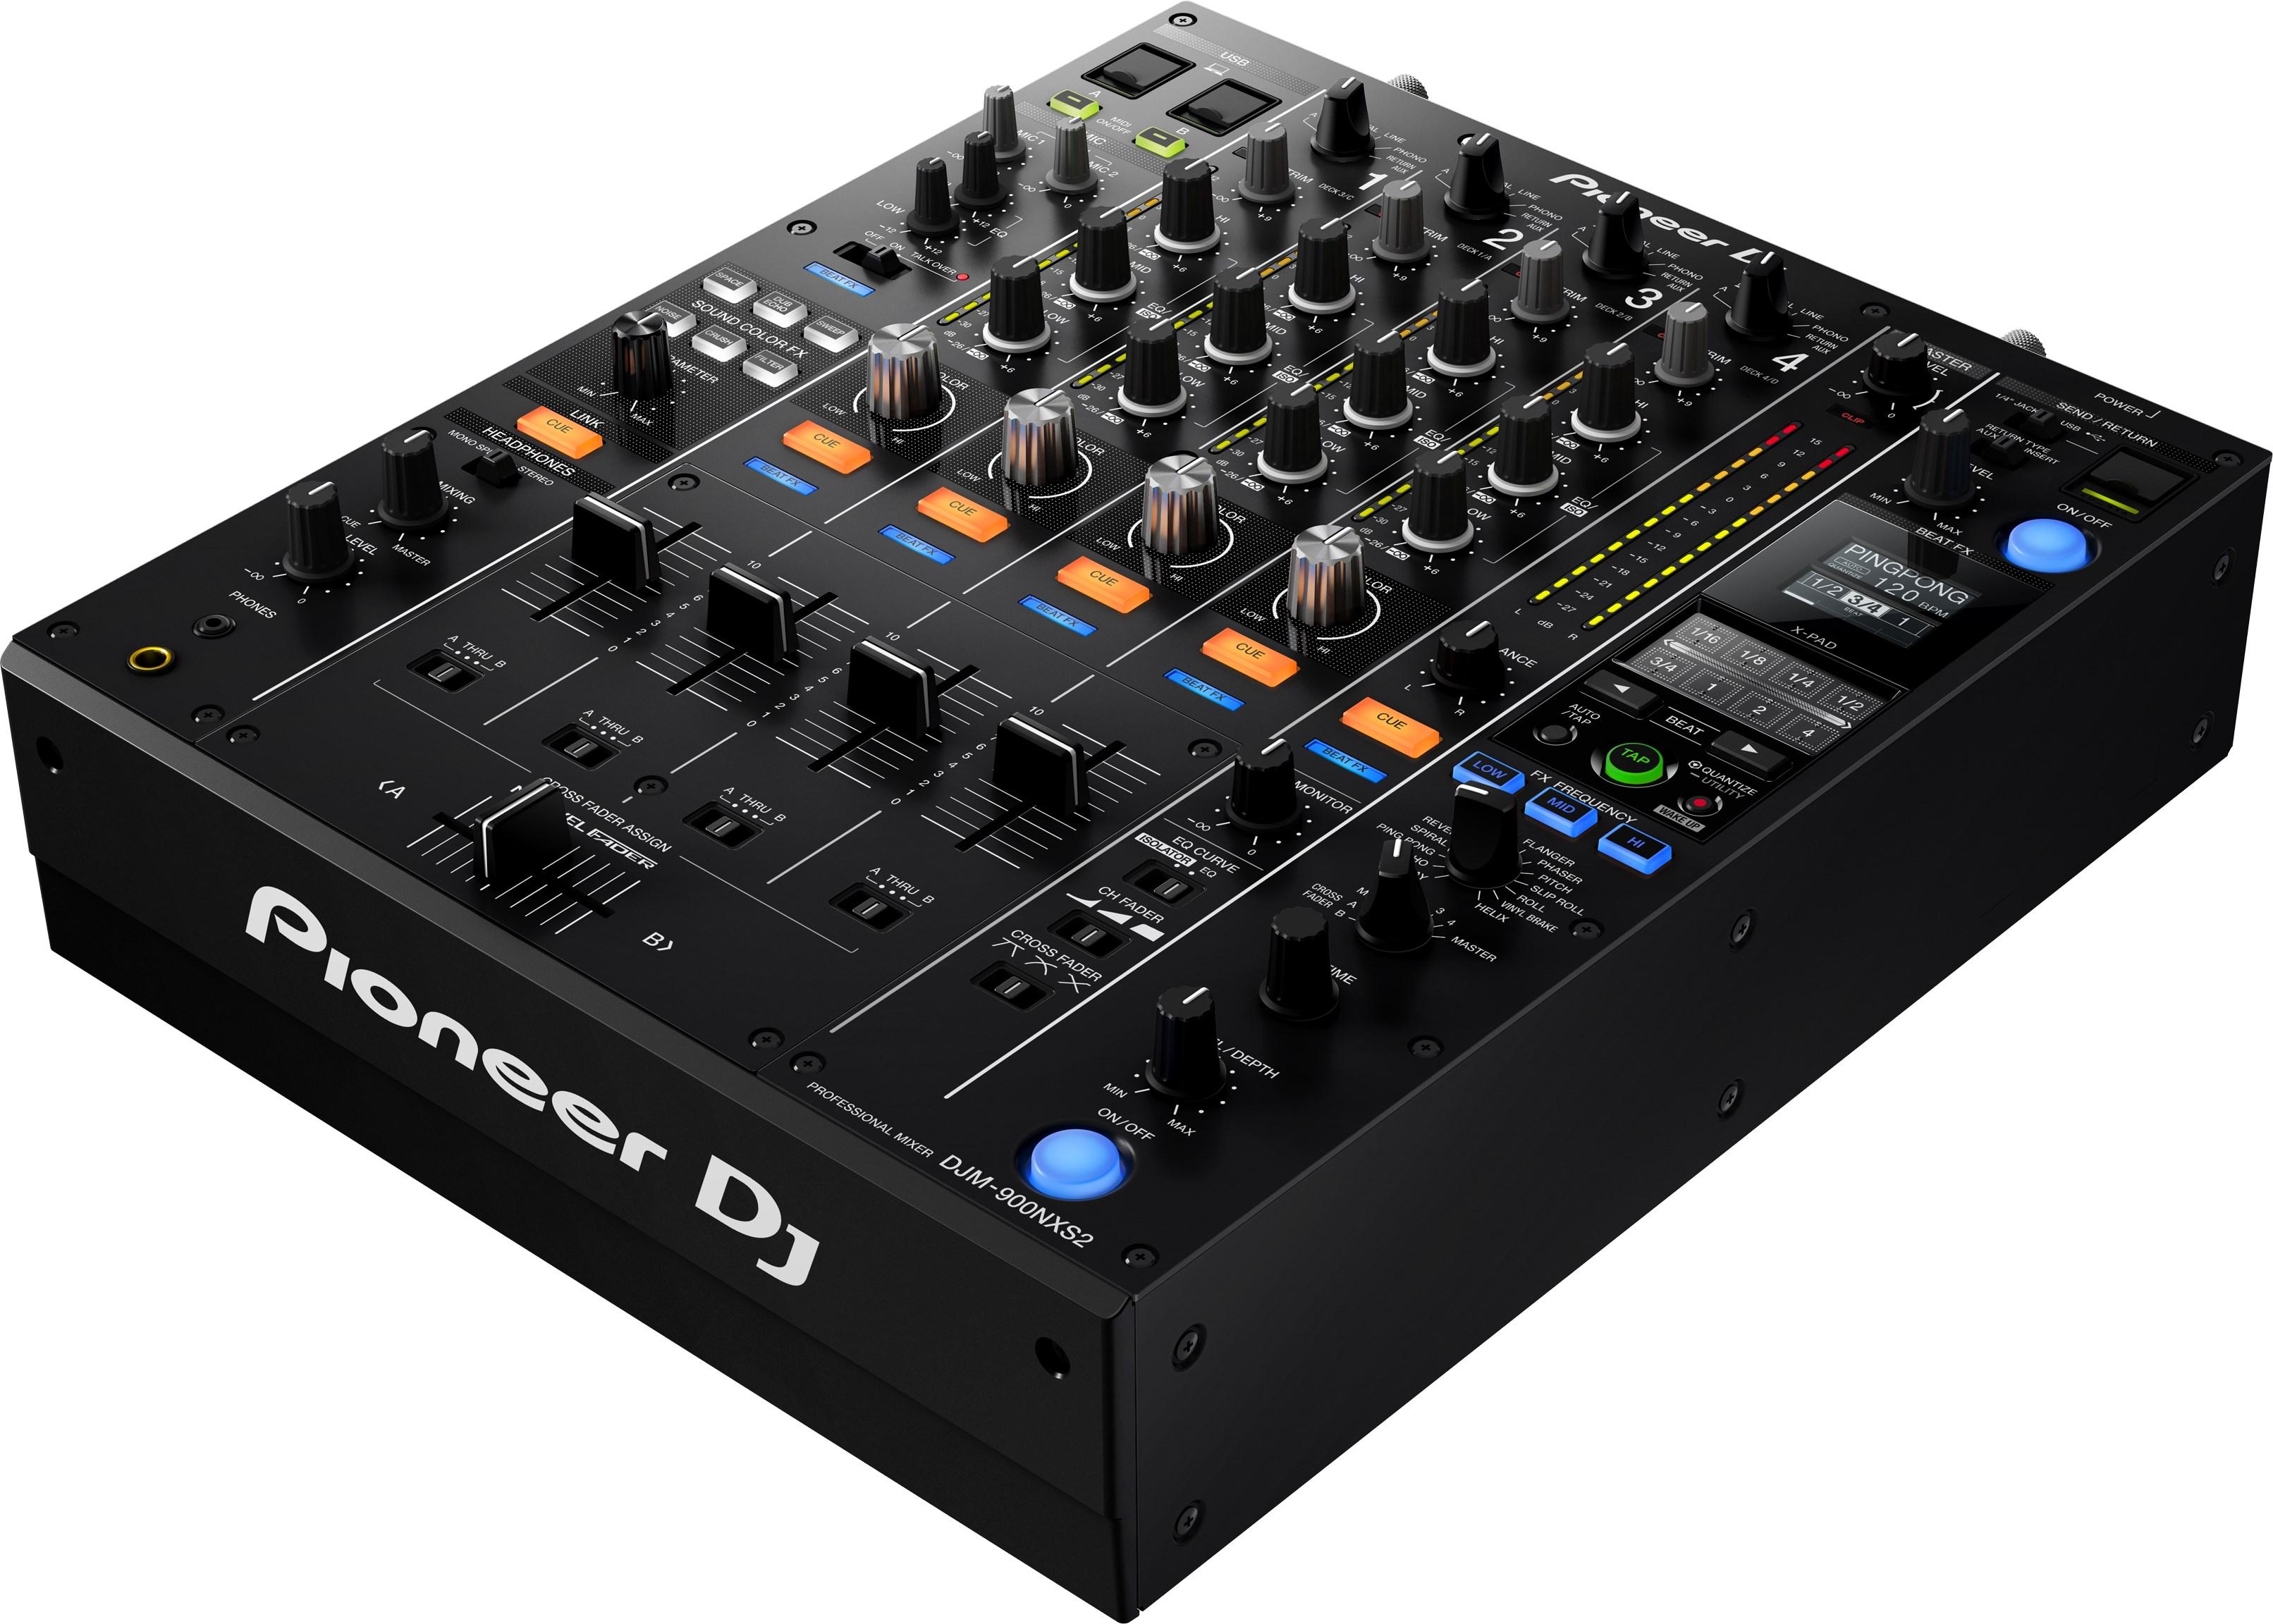 DJM 900 NXS2